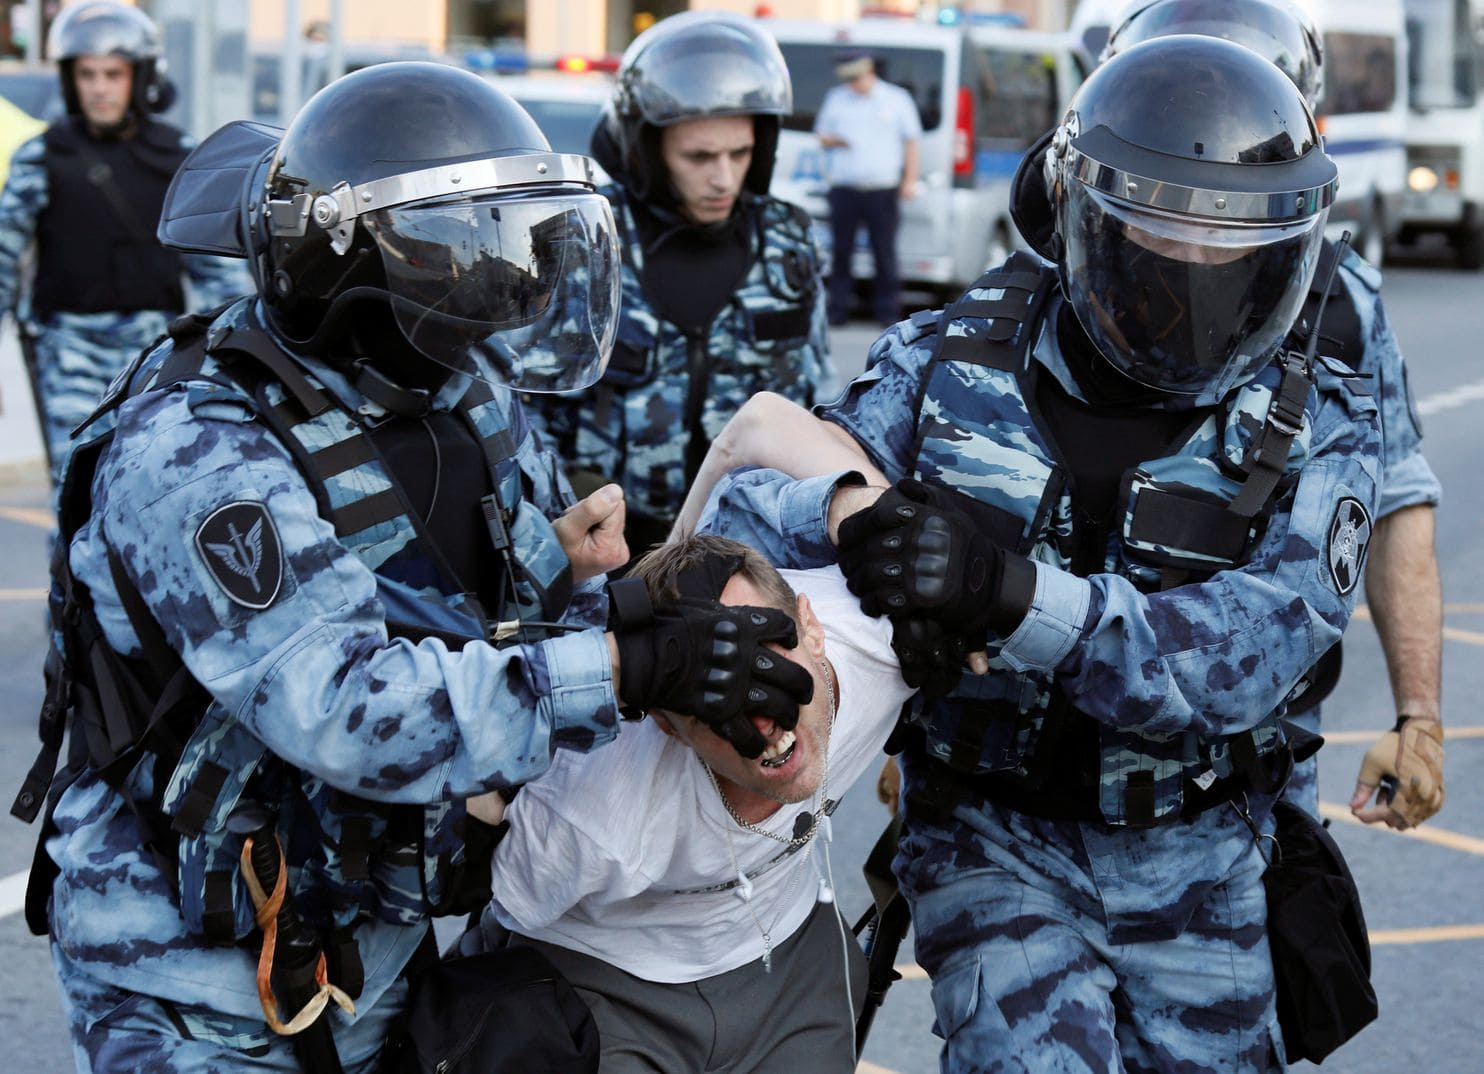 Des membres des forces de l'ordre arrêtent un participant à un rassemblement appelant les candidats de l'opposition à s'inscrire à la Douma de Moscou, le parlement régional de la capitale, à Moscou (Russie) le 27 juillet 2019. REUTERS / Chamil Zhumatov (Chamil Zhumatov / Reuters)